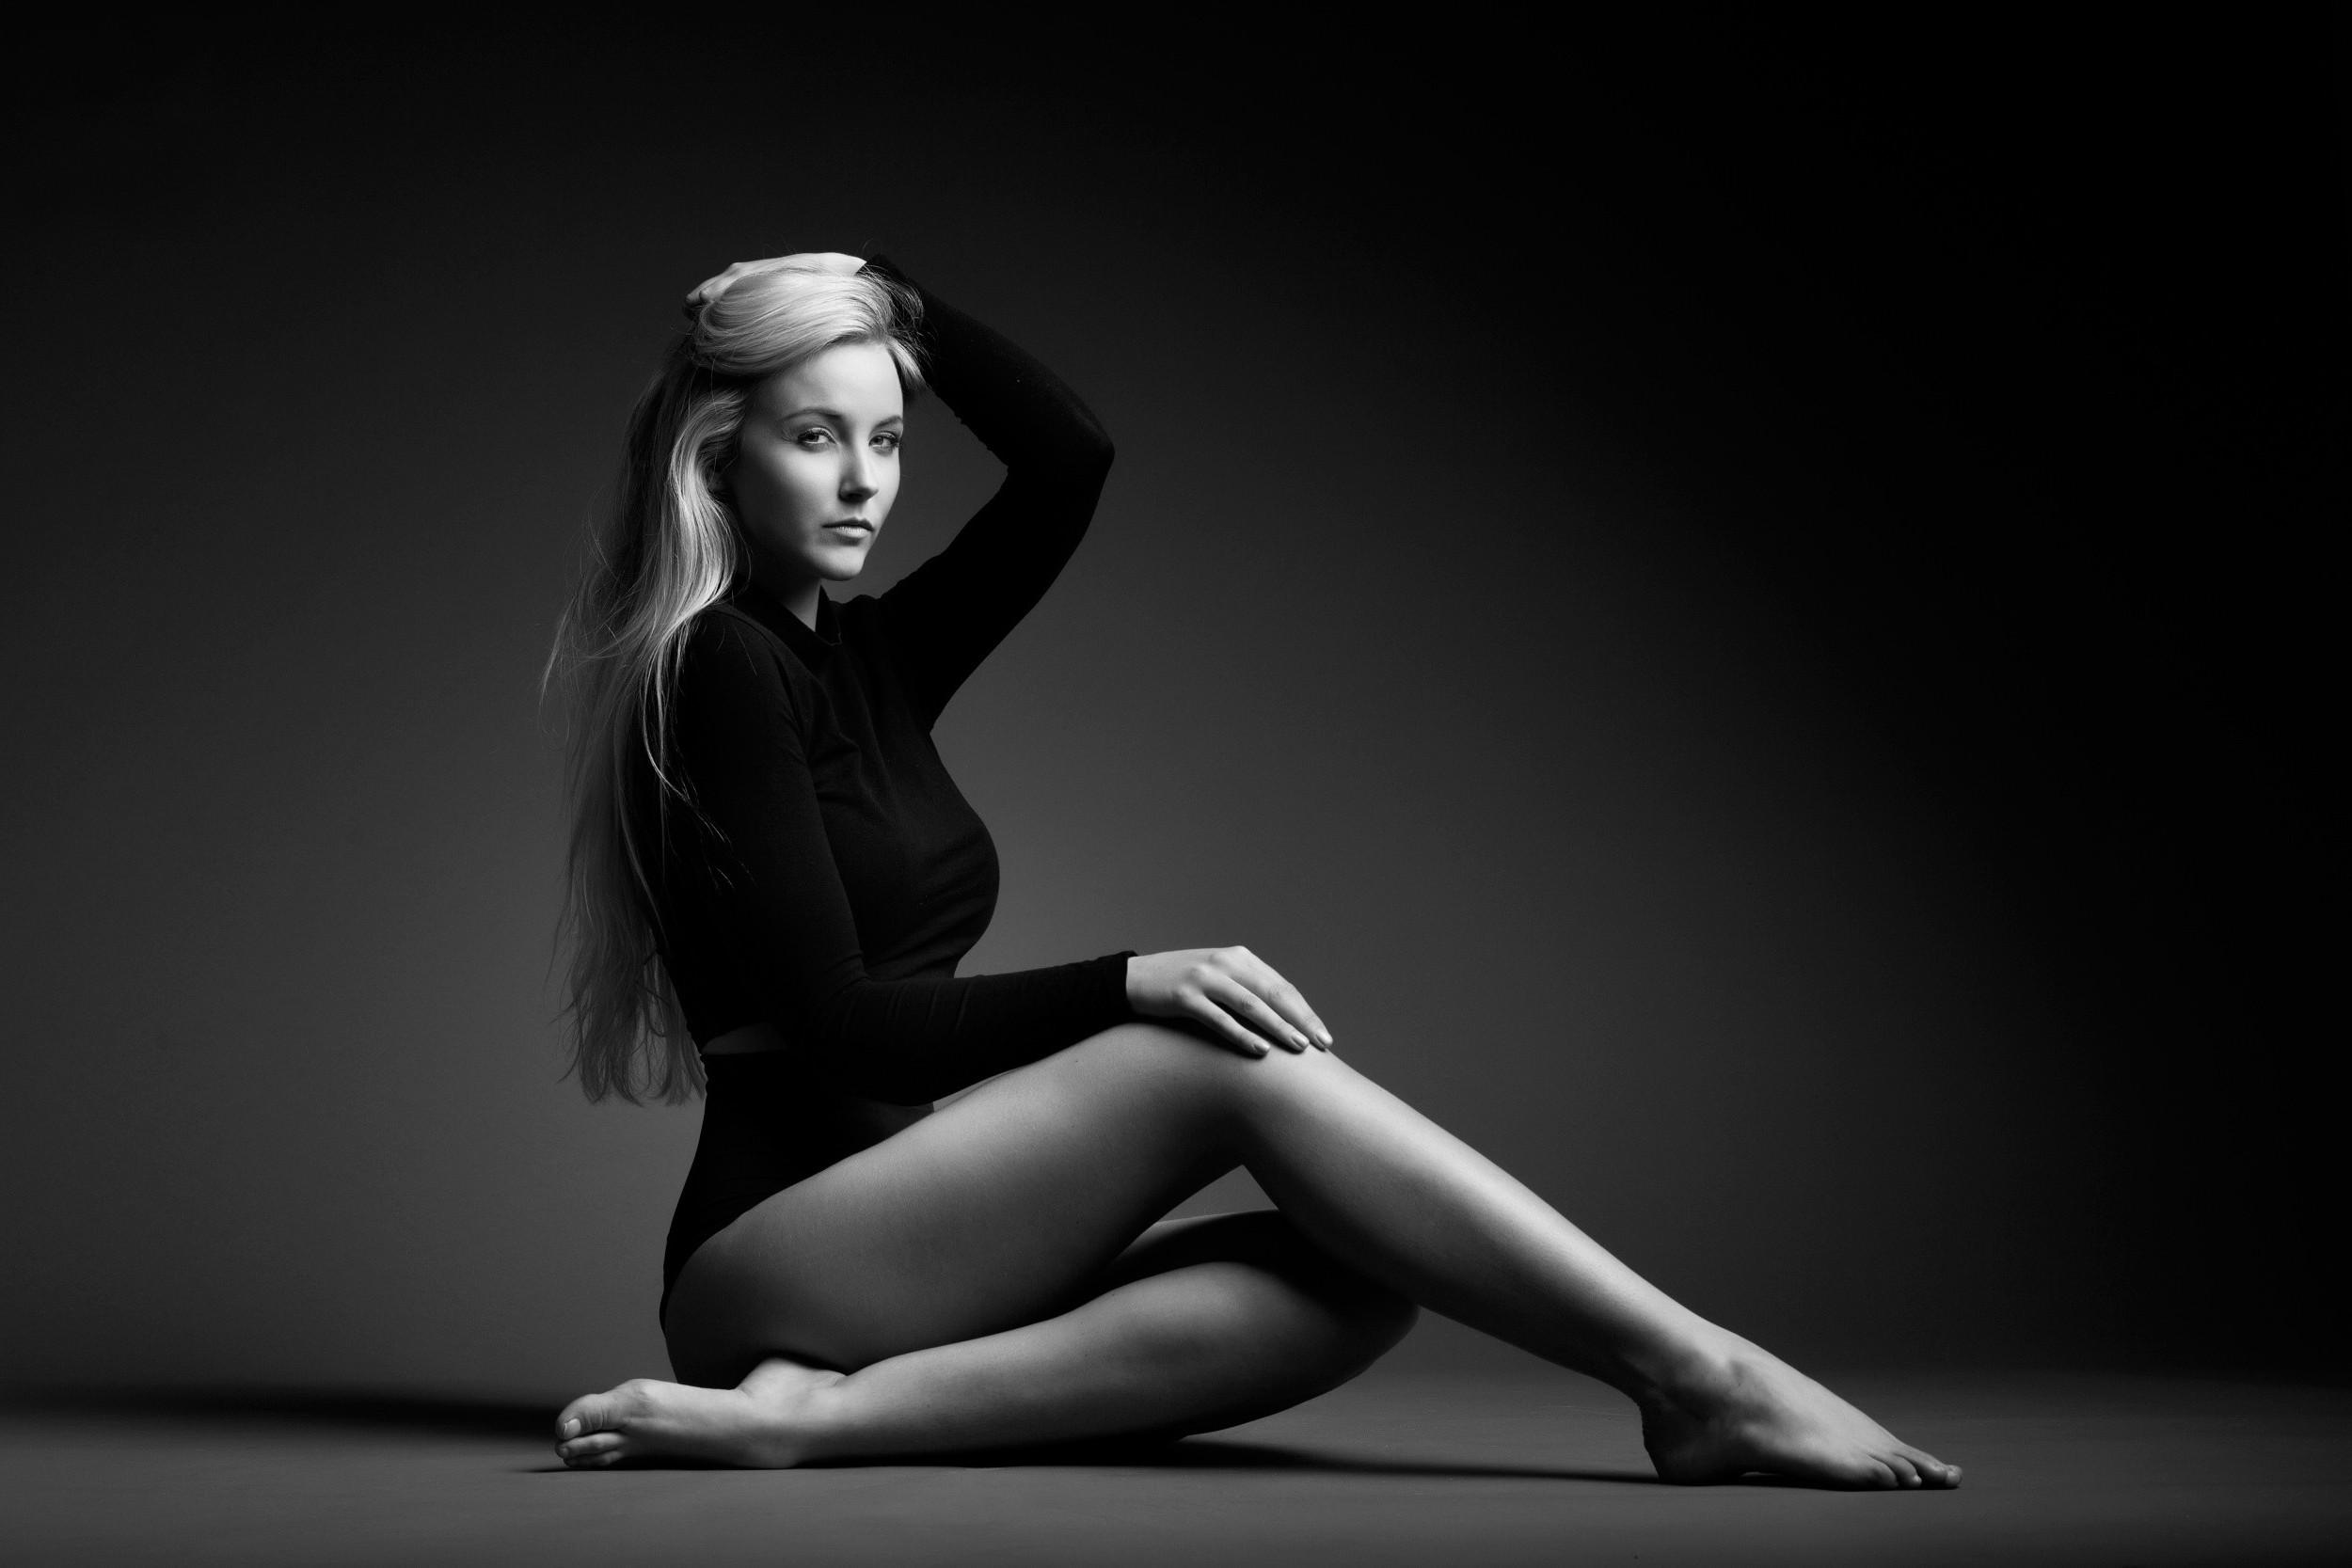 Фото в фотостудии на черном фоне